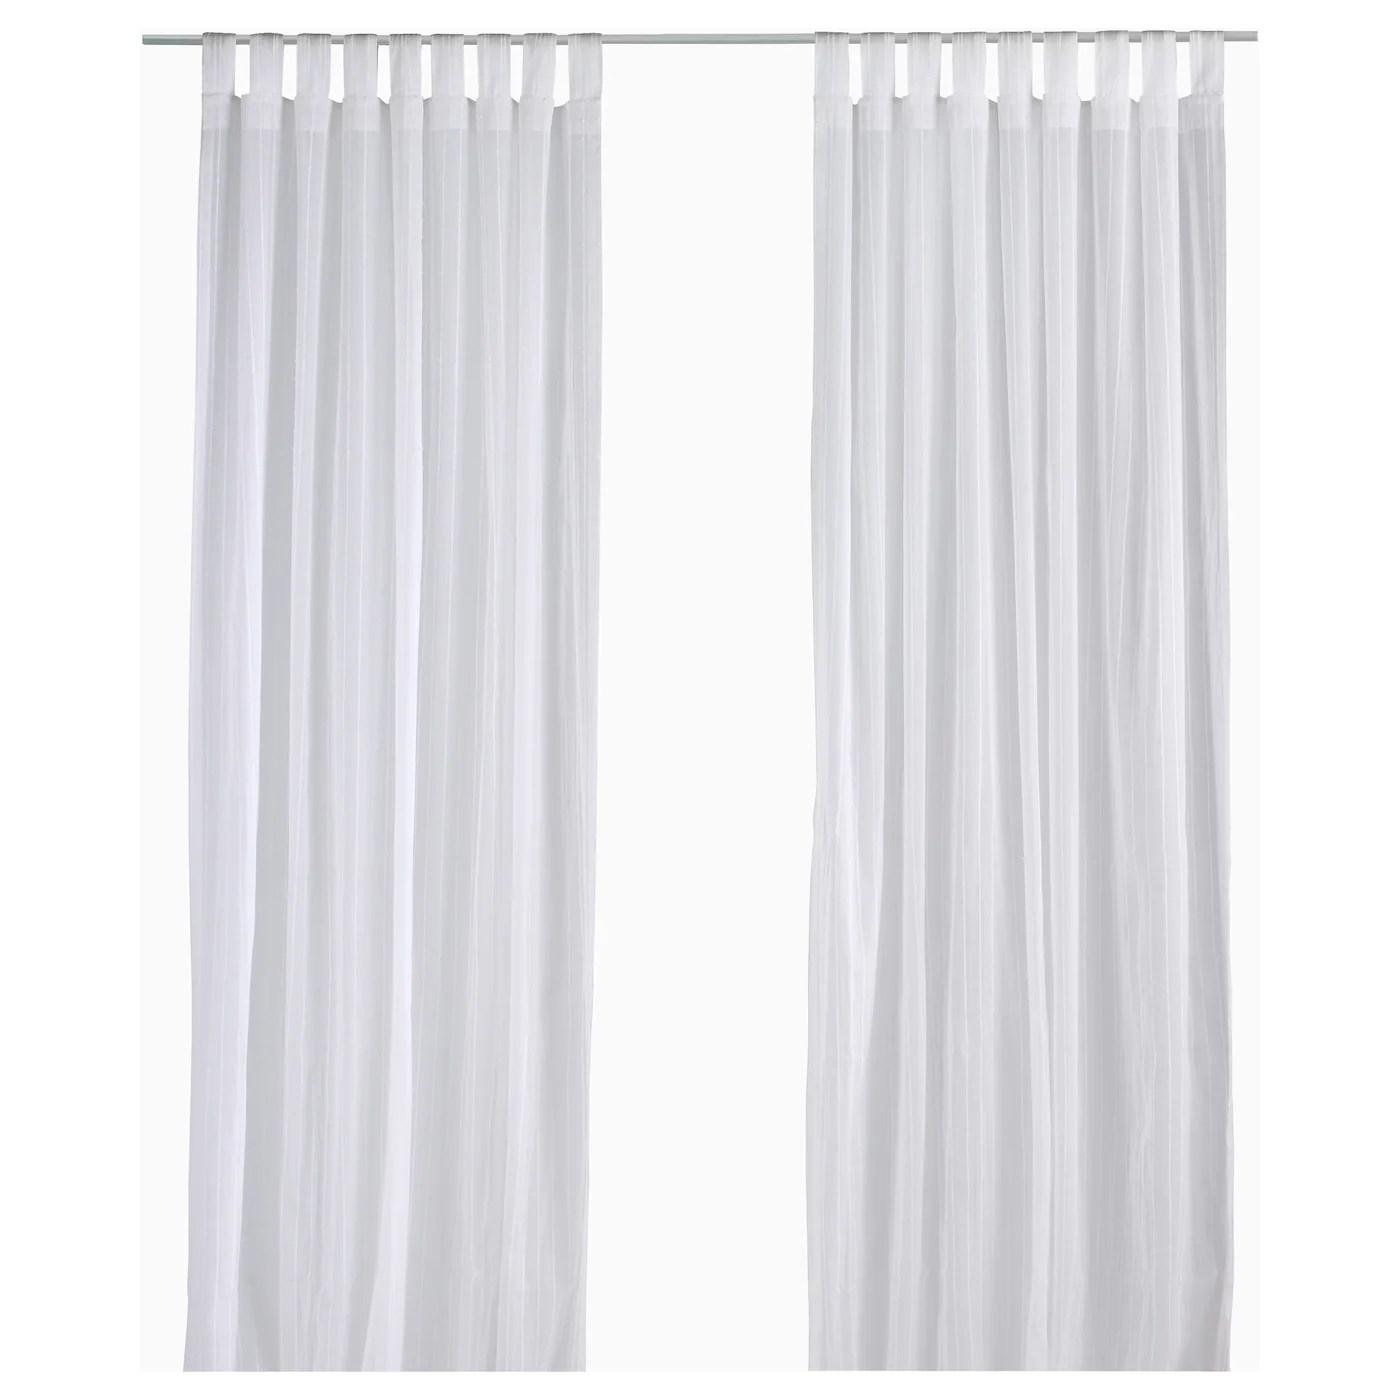 matilda sheer curtains 1 pair white 55x98